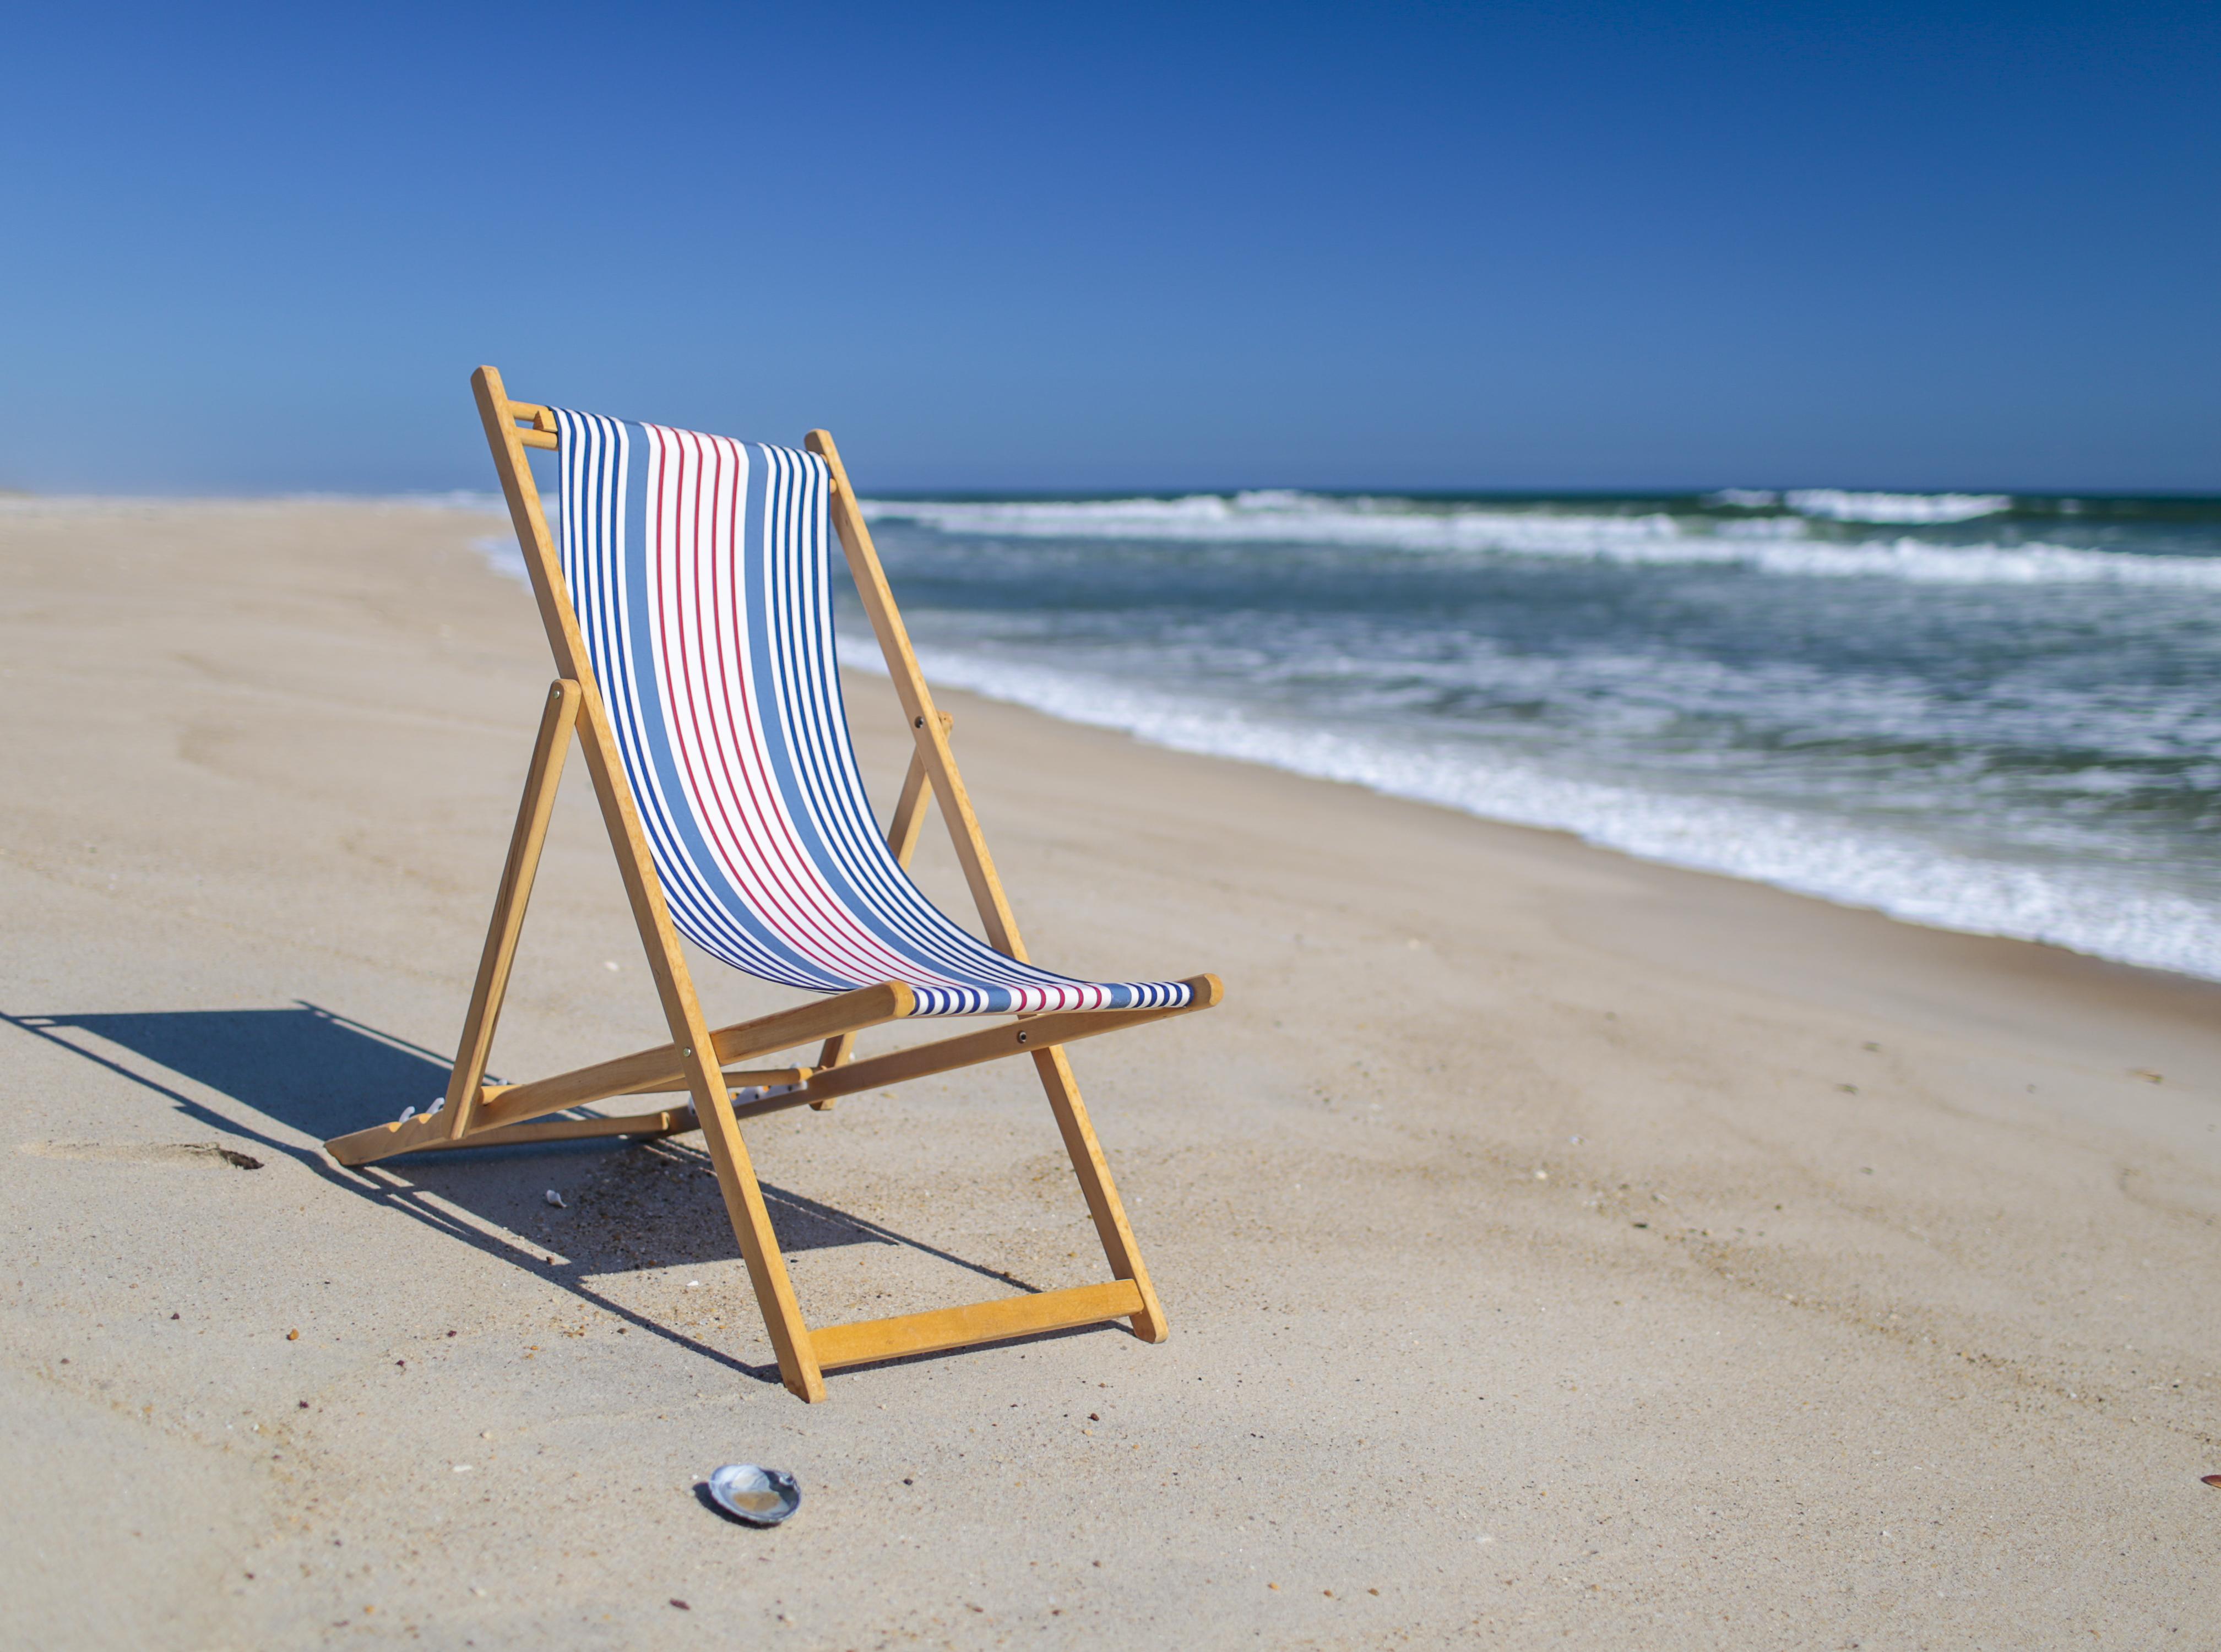 Rio Blue Beach Bum Beach Chair - Set of 2 - Beach Chairs